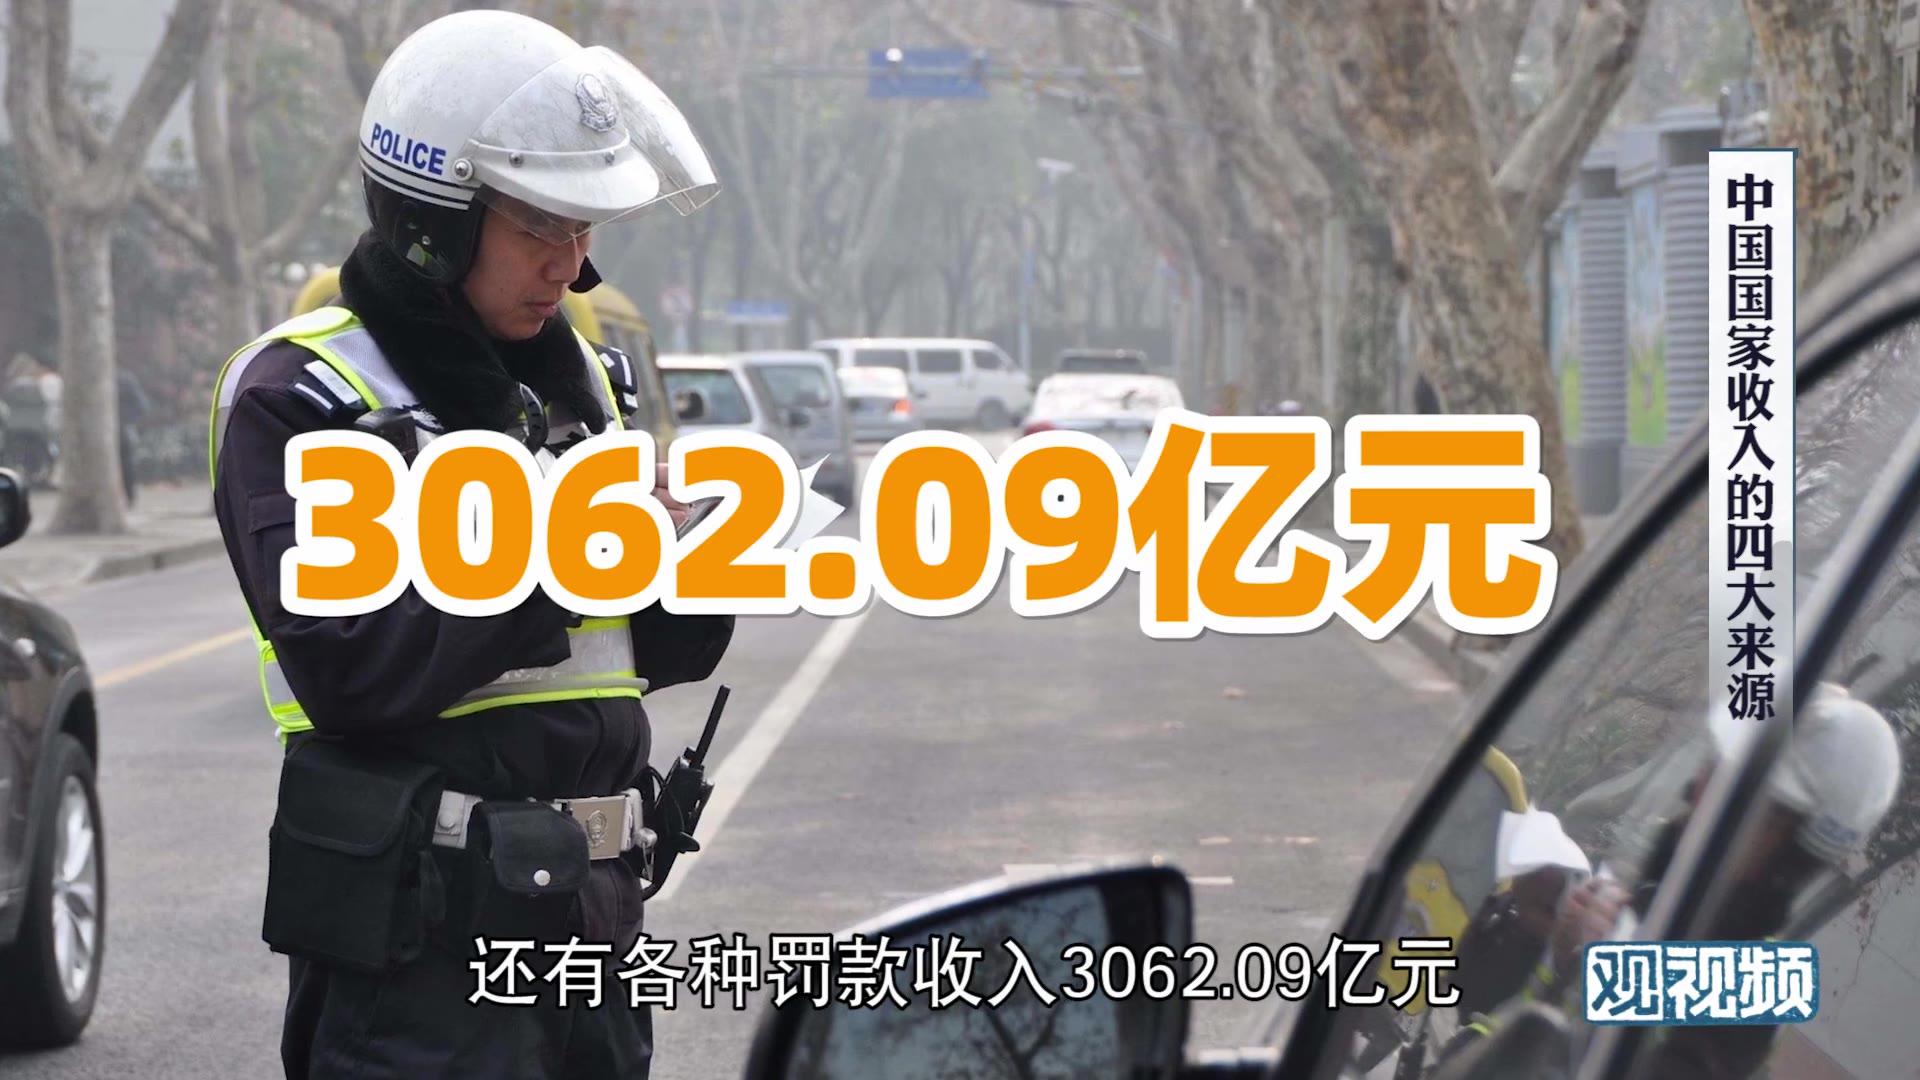 宁南山:中国造航母,钱是哪来的?多亏了烟民股民和学渣